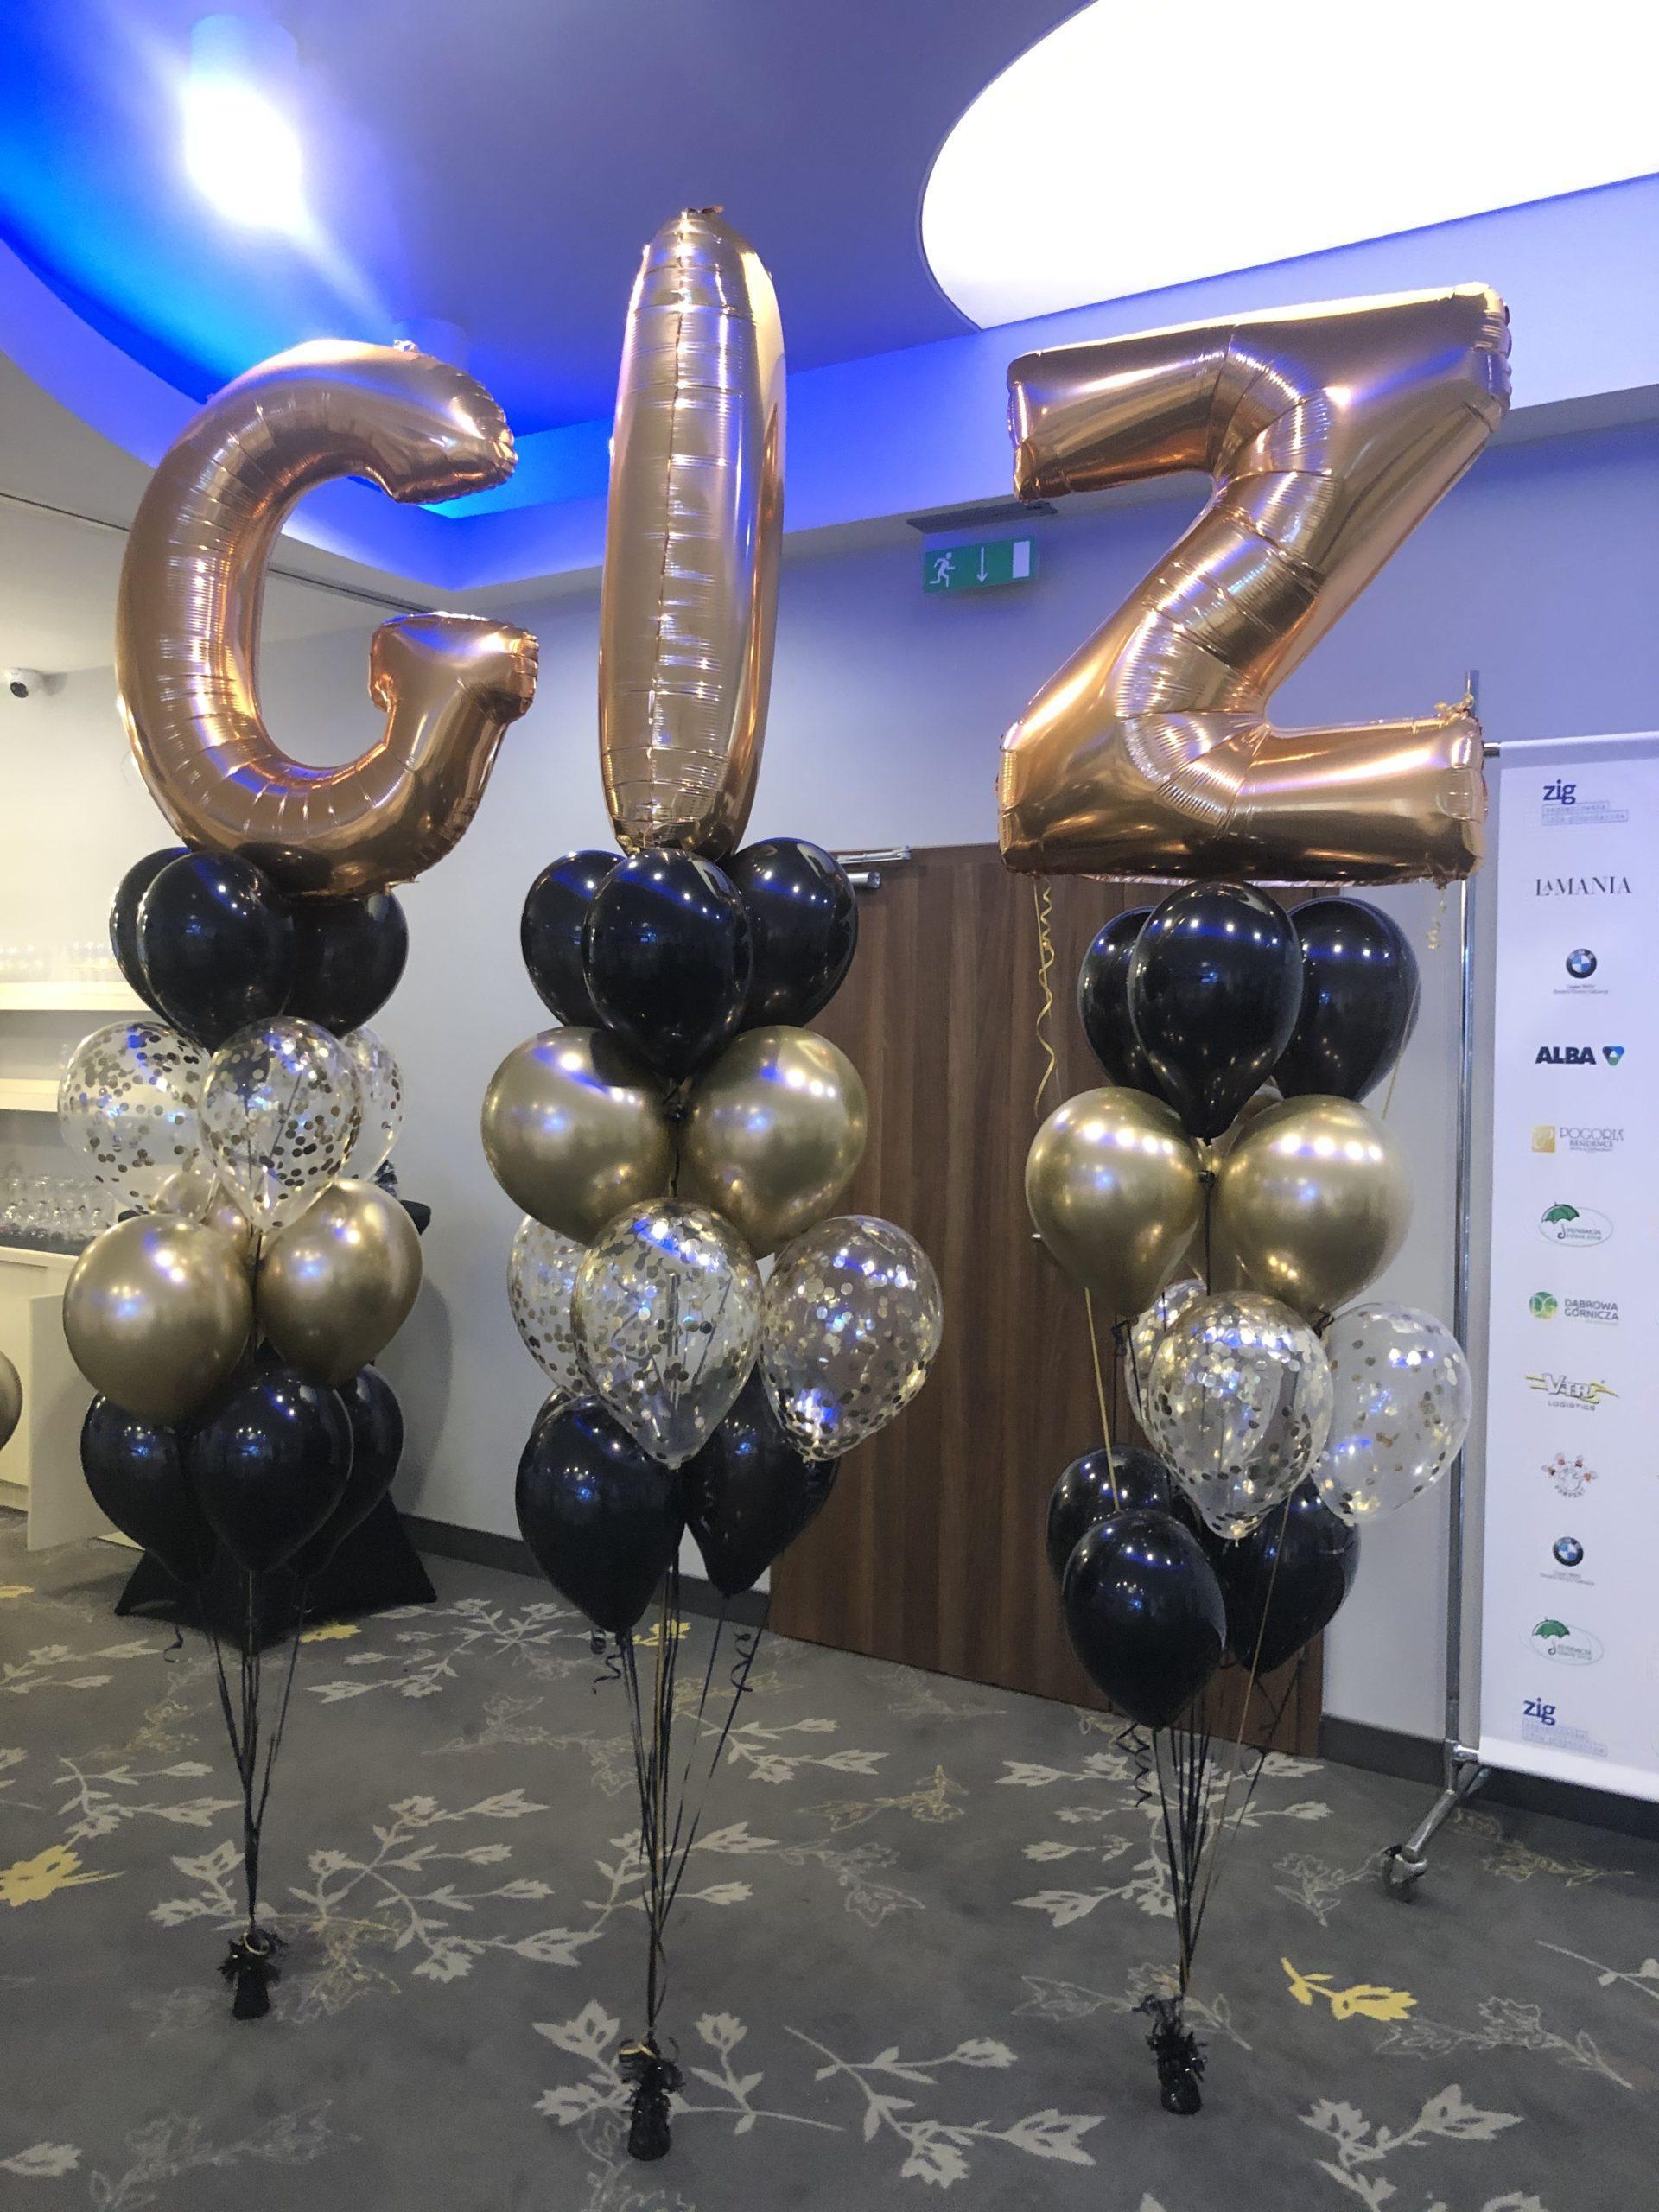 balony-z-helem-dekoracja-gali-jubileuszu-eventu